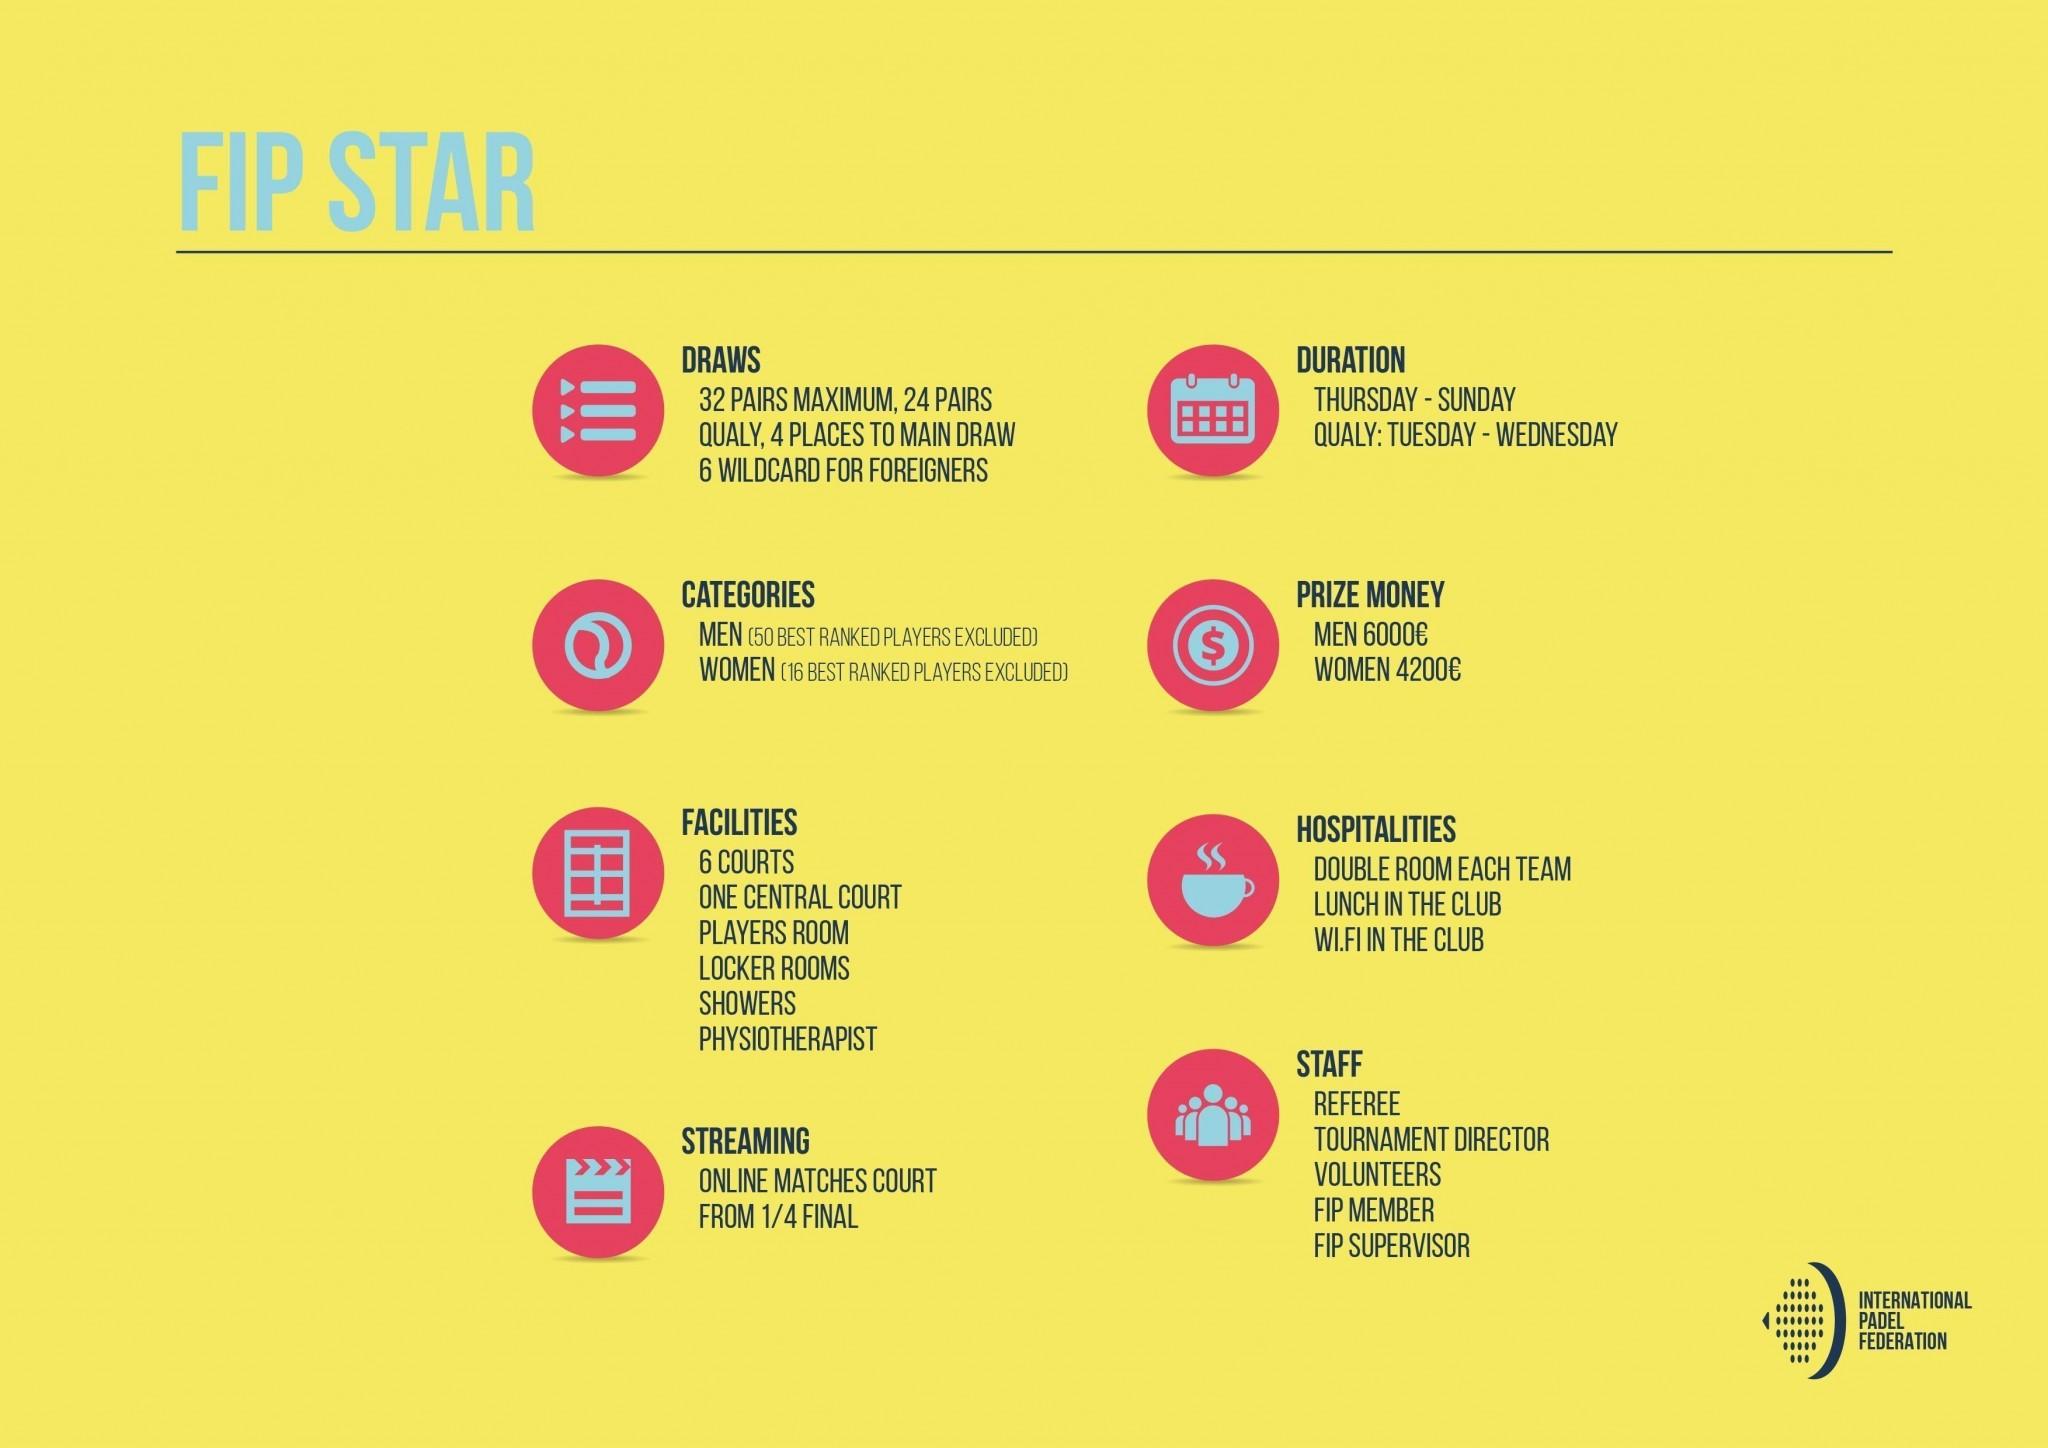 FIP STAR – 1ère catégorie du FIP TOUR